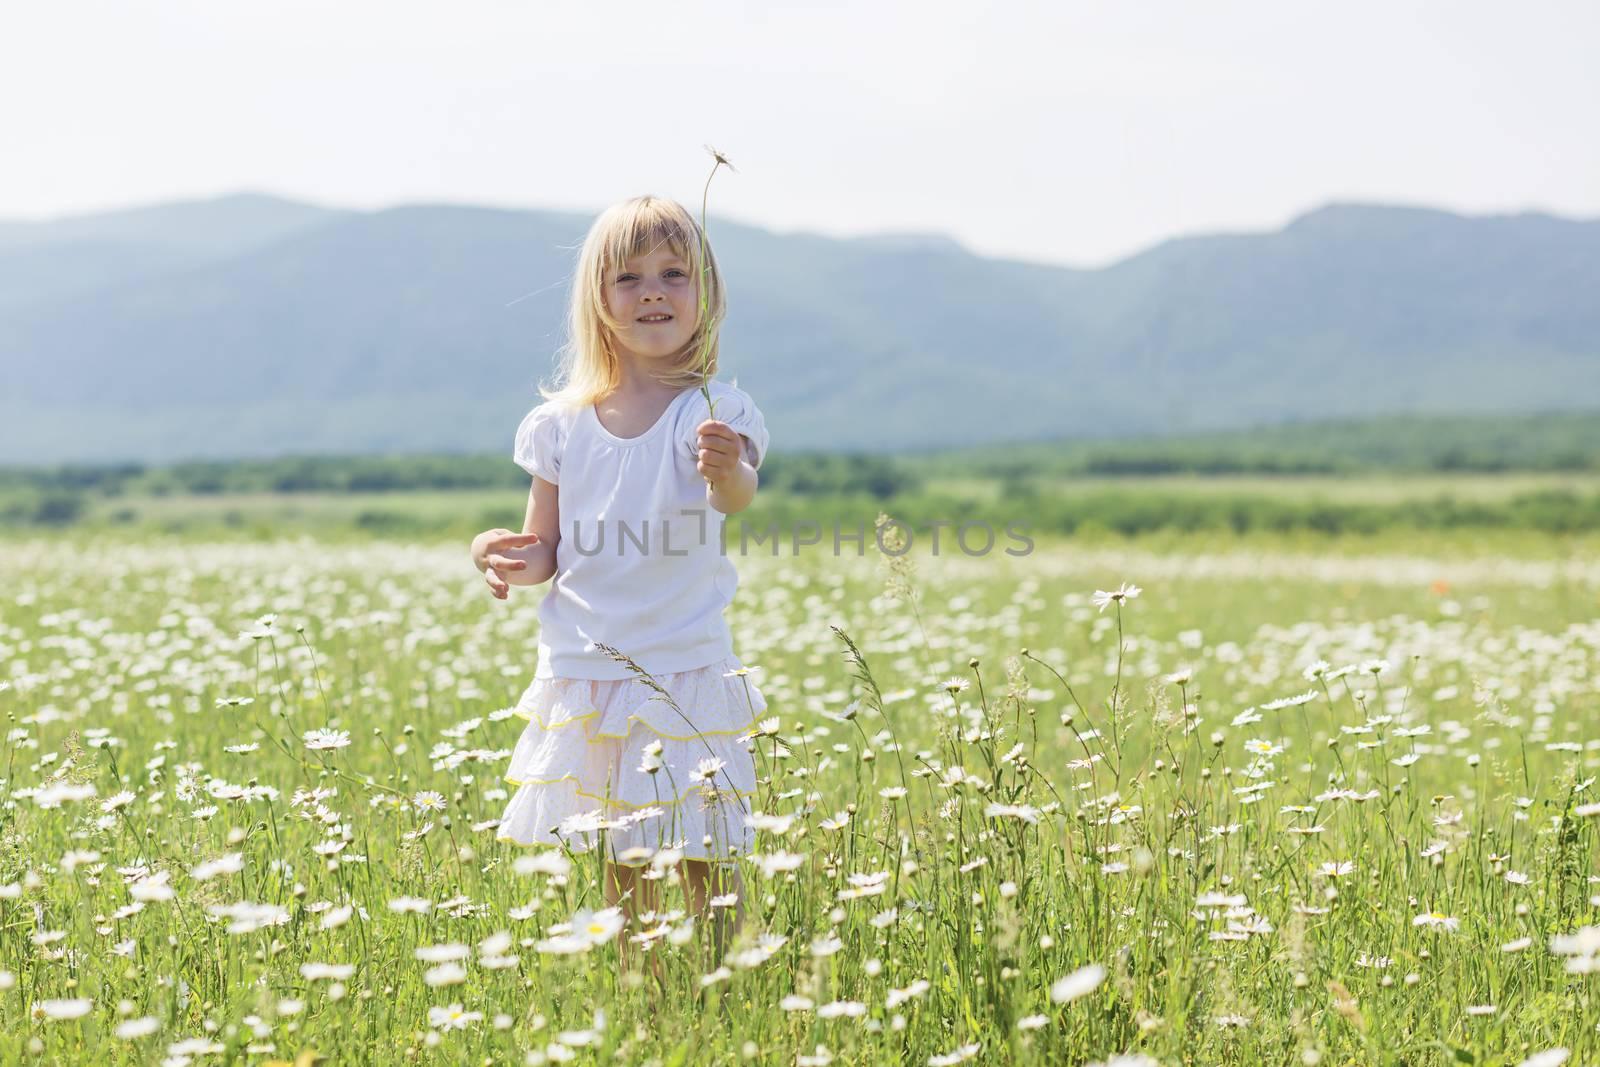 3 years old child walking in flower field